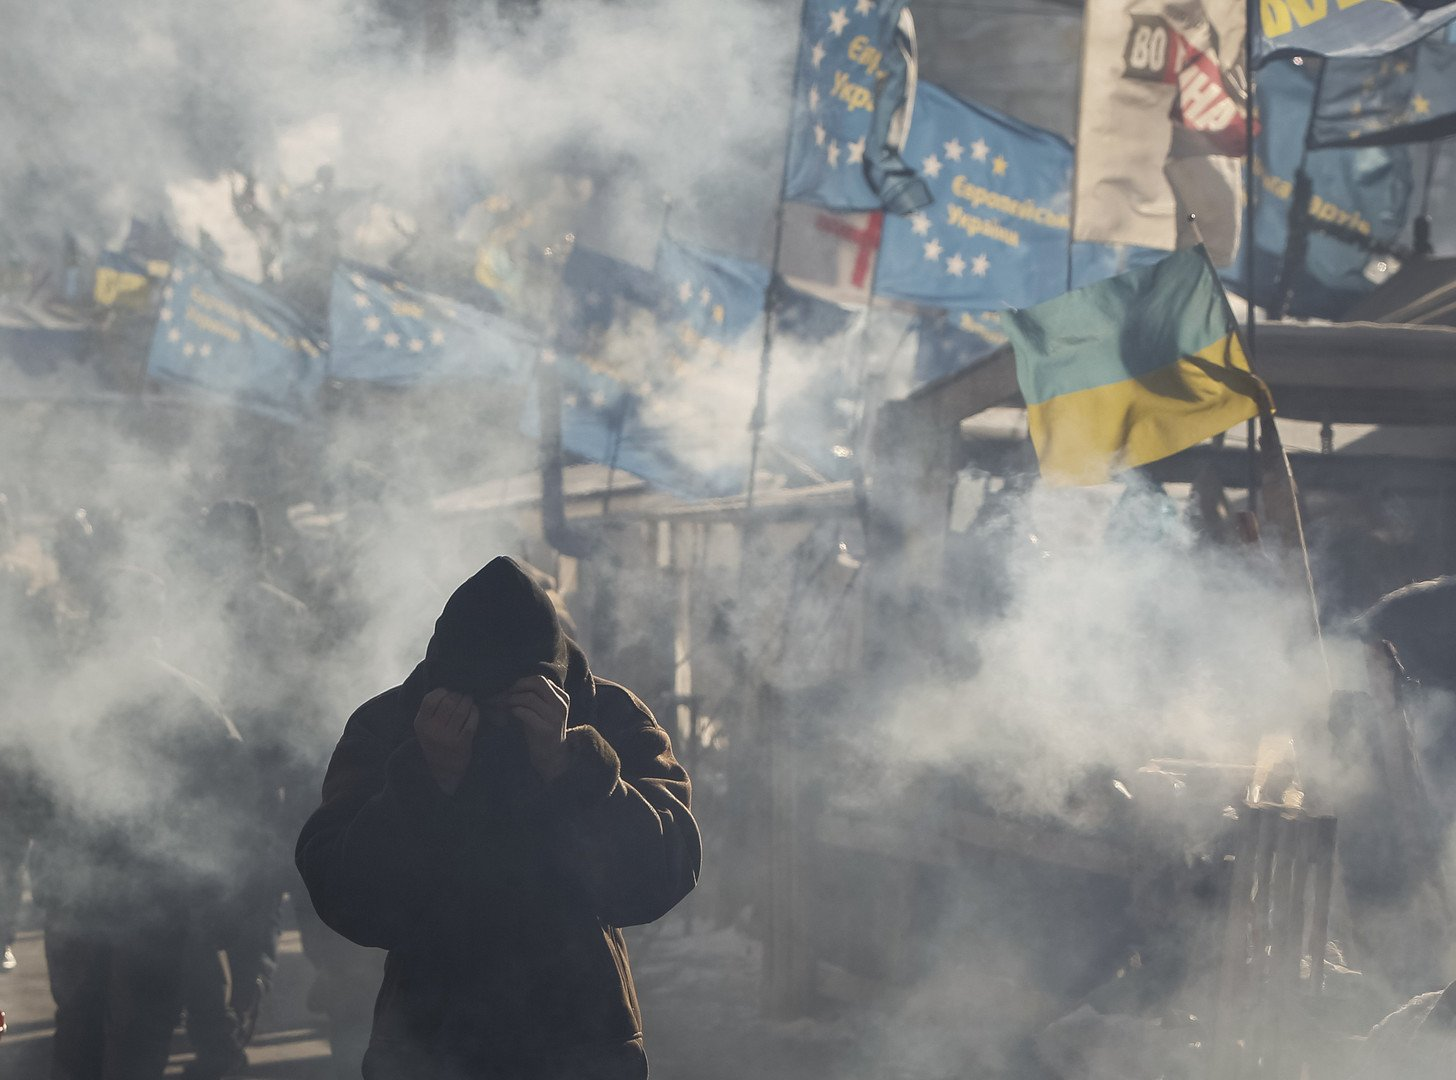 (REUTERS/Gleb Garanich)